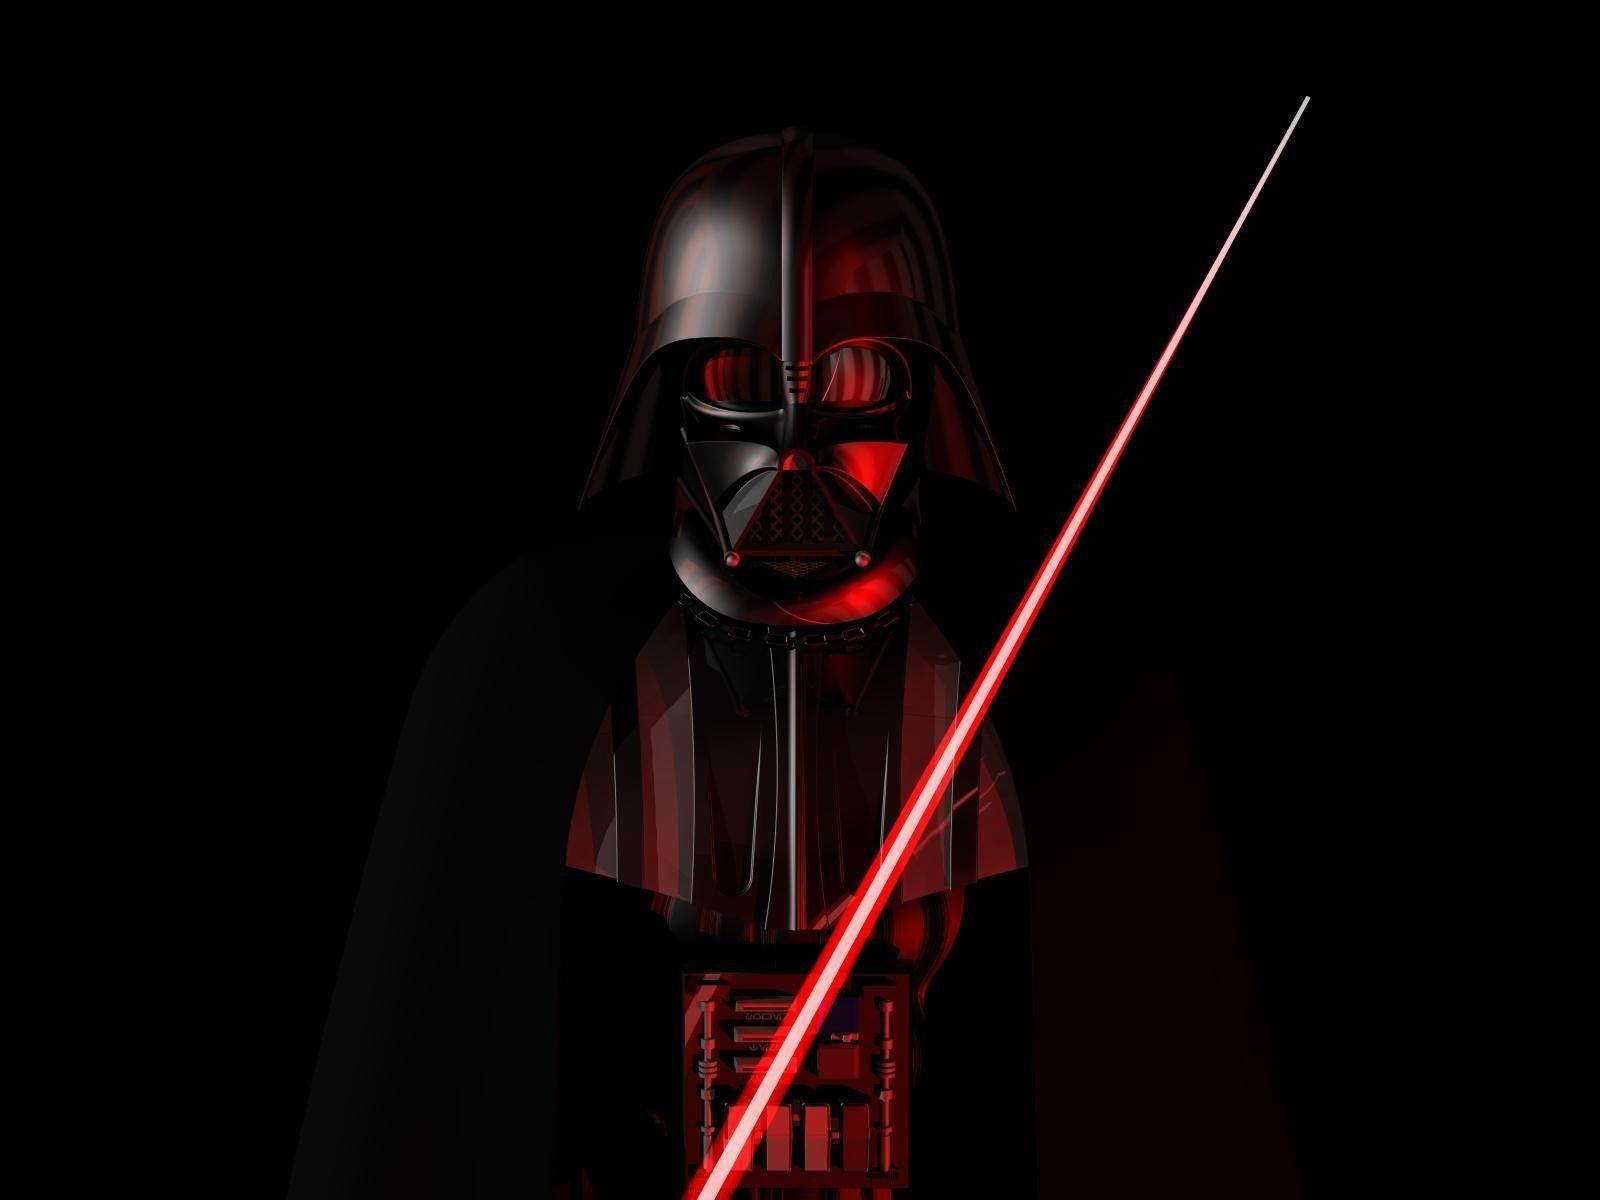 Sith Wallpaper Hd Star Wars Darth Vader Wallpaper For Desktop Hd